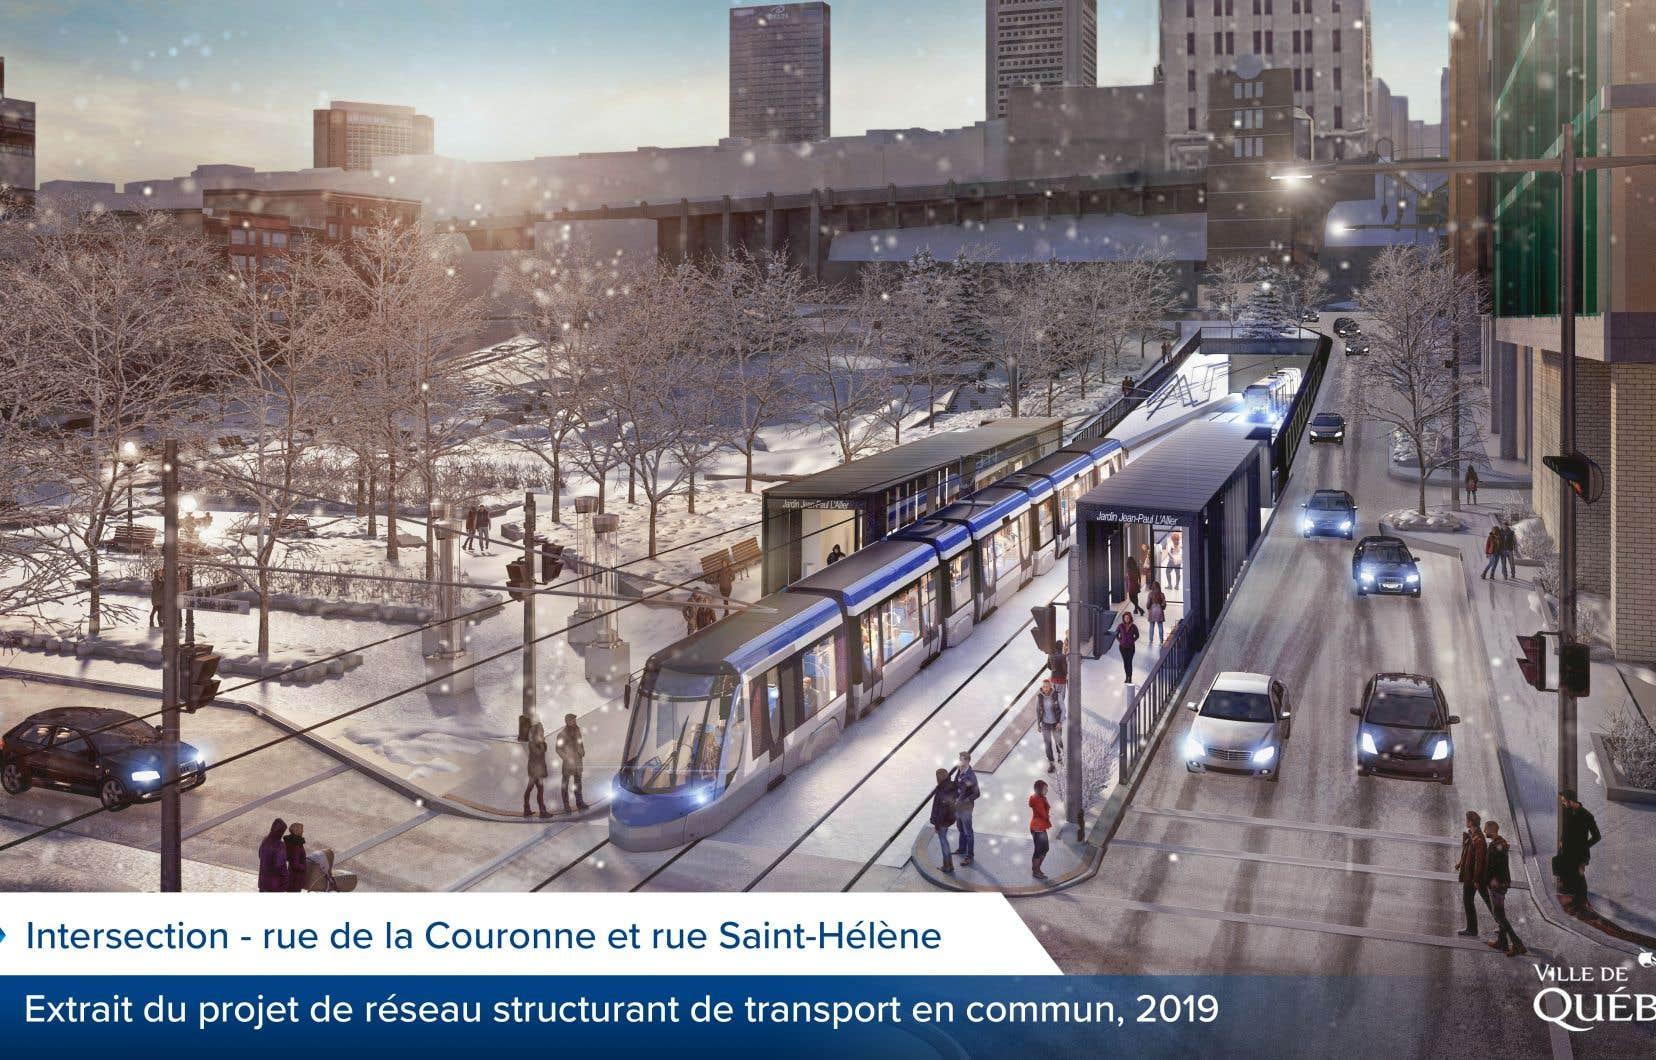 Dans le Vieux-Québec, le tramway passera sous terre à partir du boulevard René-Lévesque, jusque dans le cœur du quartier Saint-Roch.